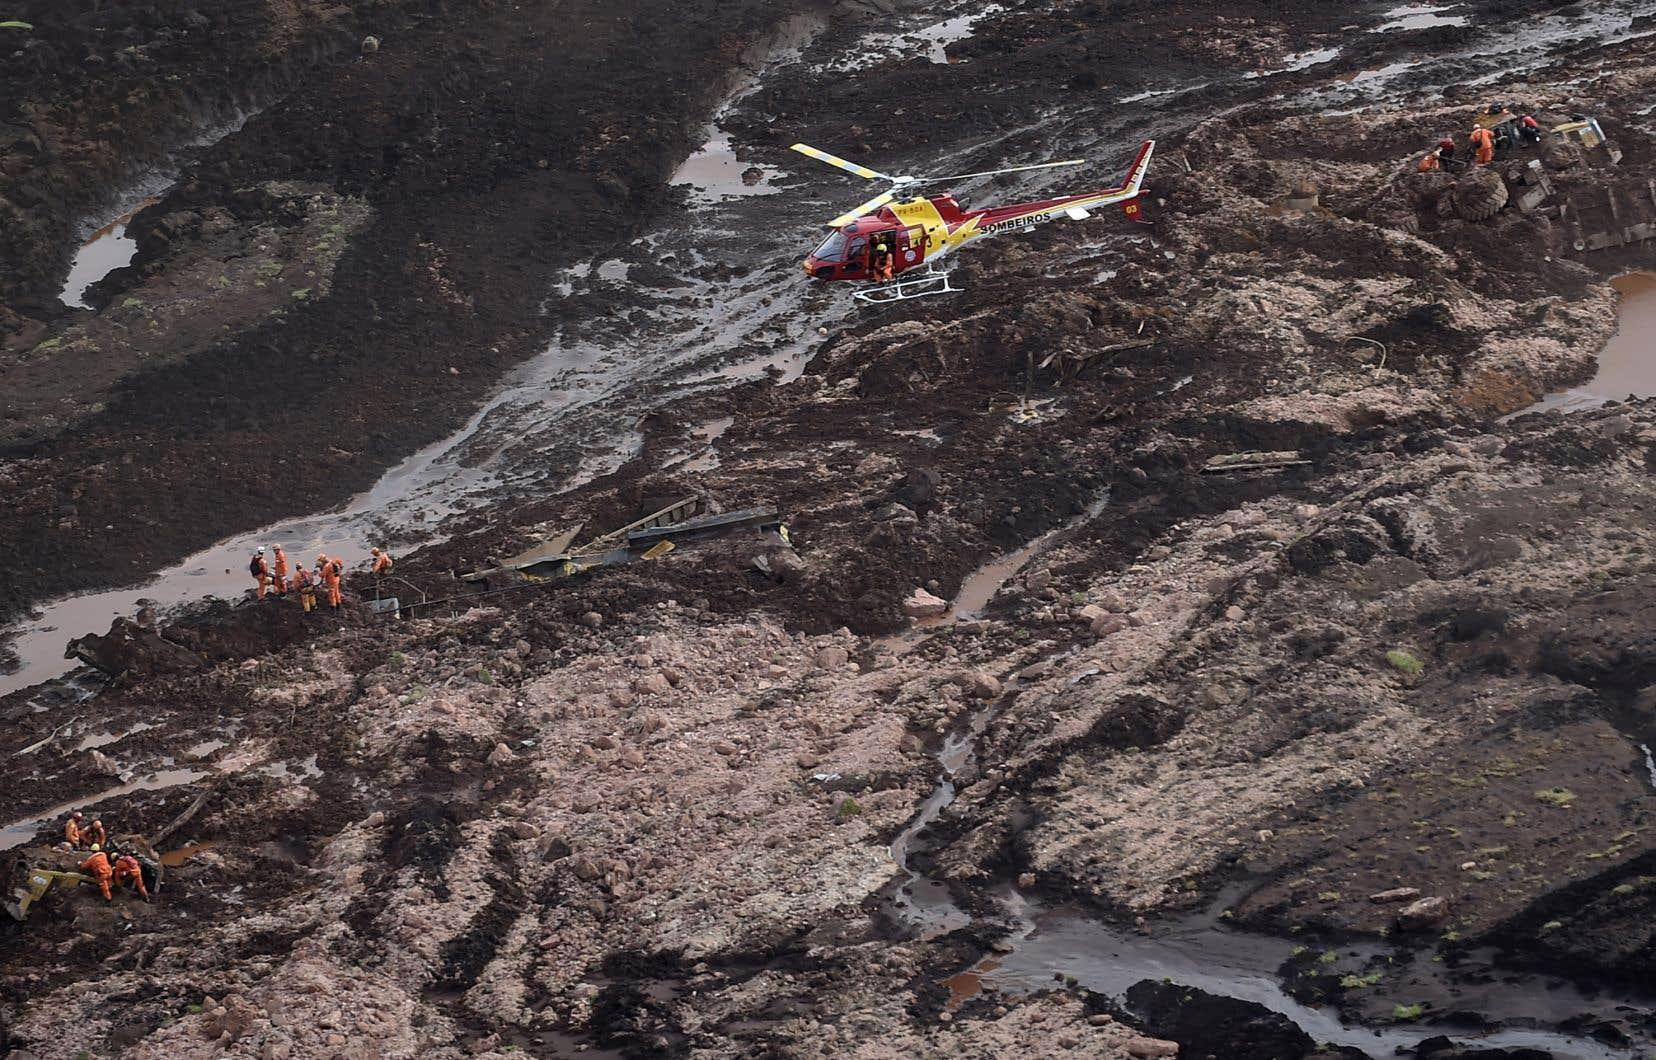 La rupture d'un barrage de la minière brésilienne Vale, le 25 janvier dernier, a fait au moins 270 morts et disparus.